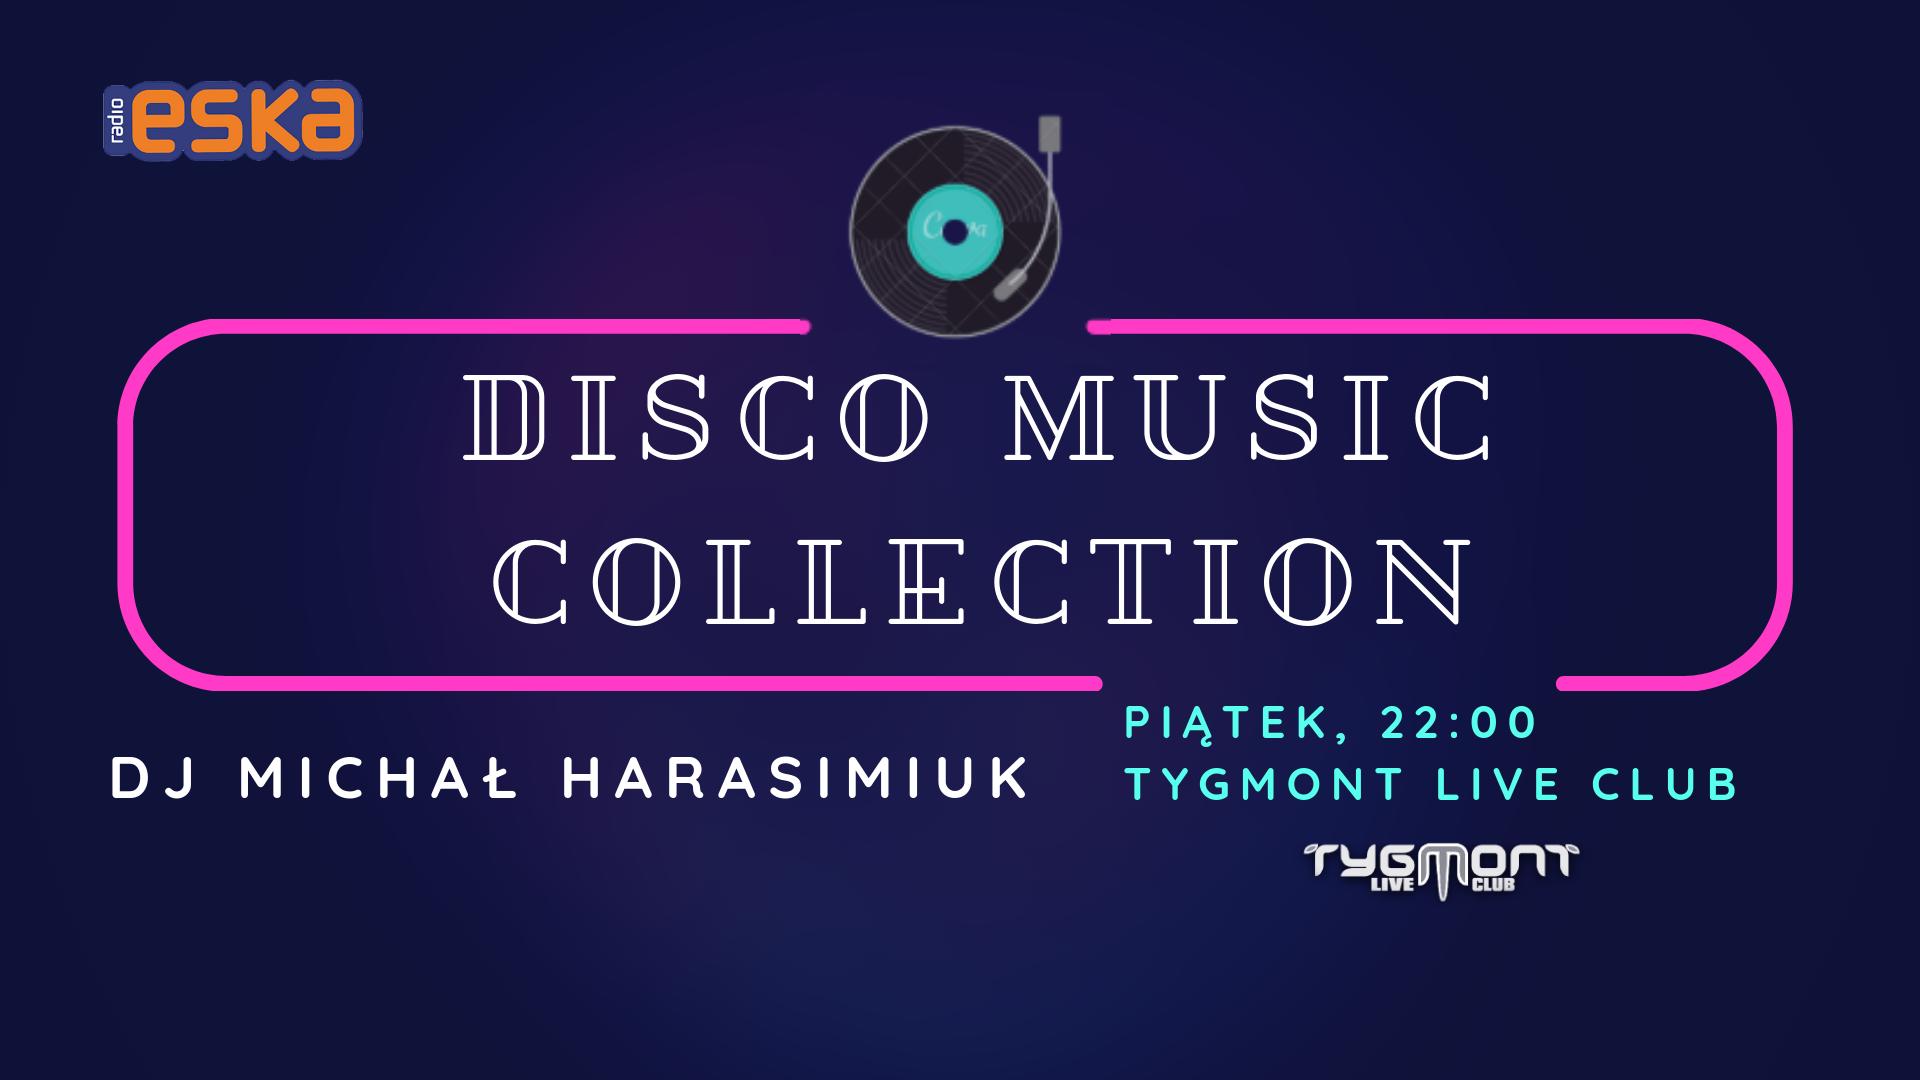 DISCO MUSIC COLLECION (2)